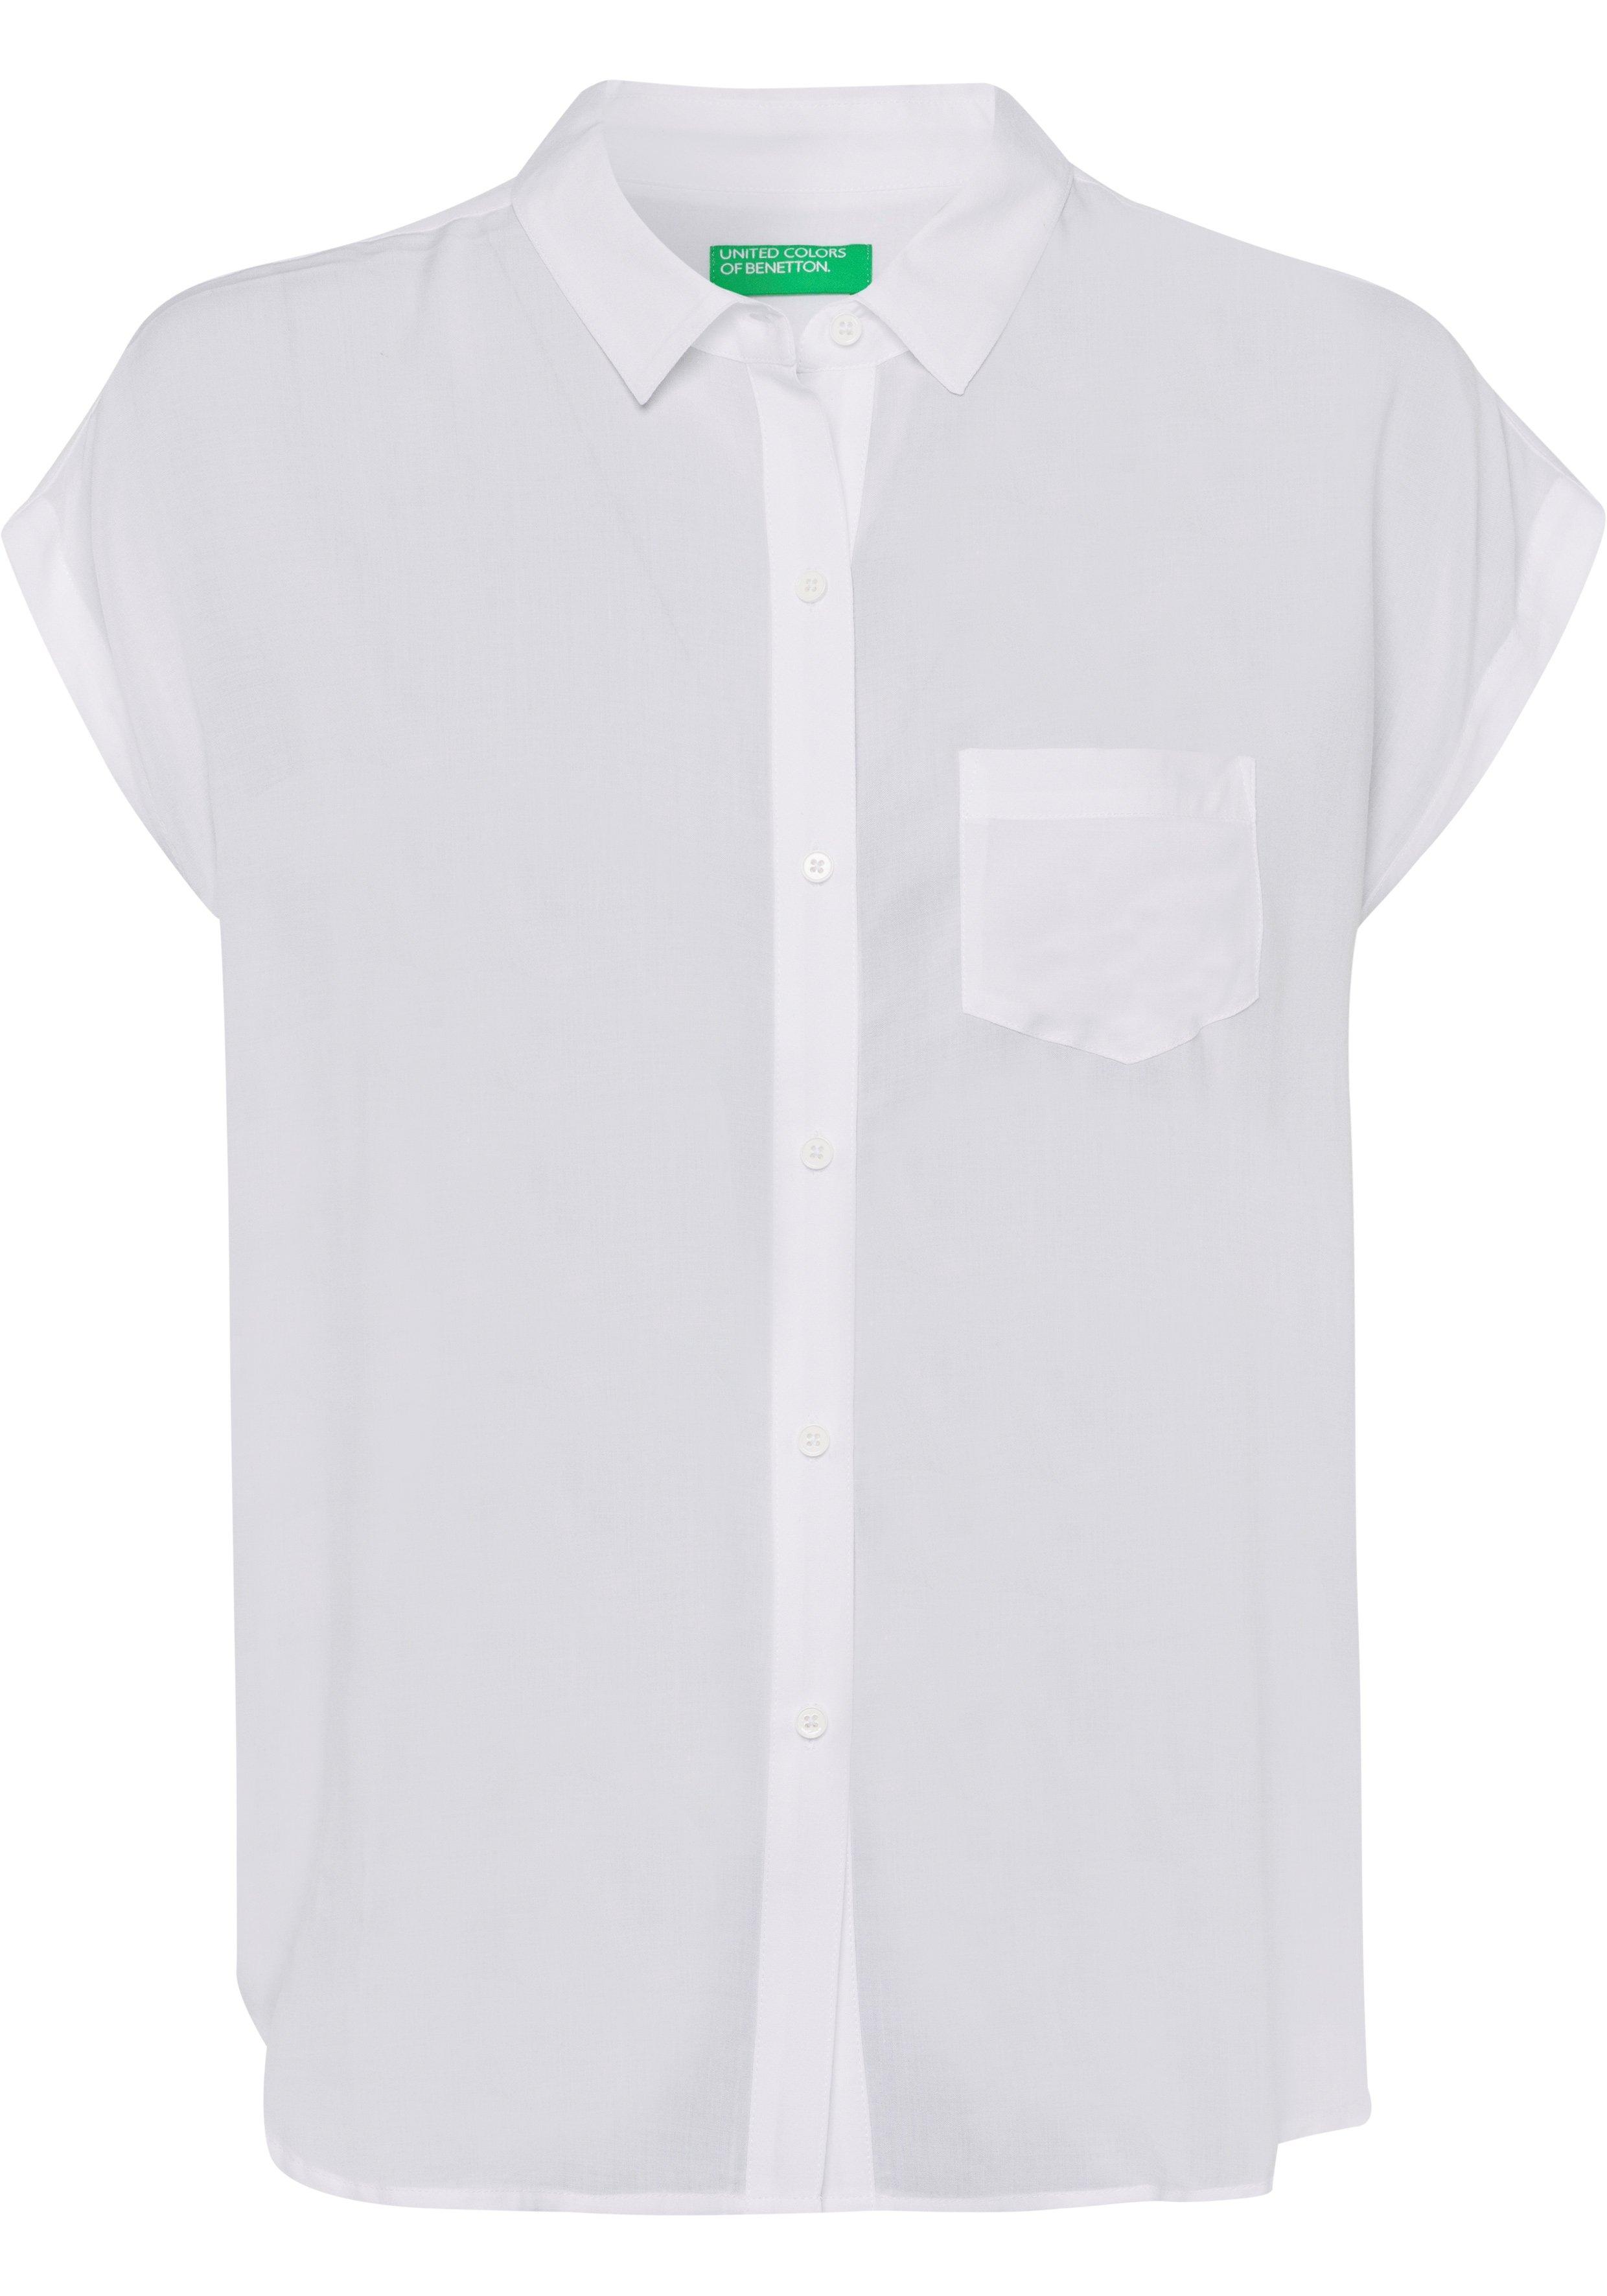 United Colors of Benetton blouse met korte mouwen met borstzakje - verschillende betaalmethodes